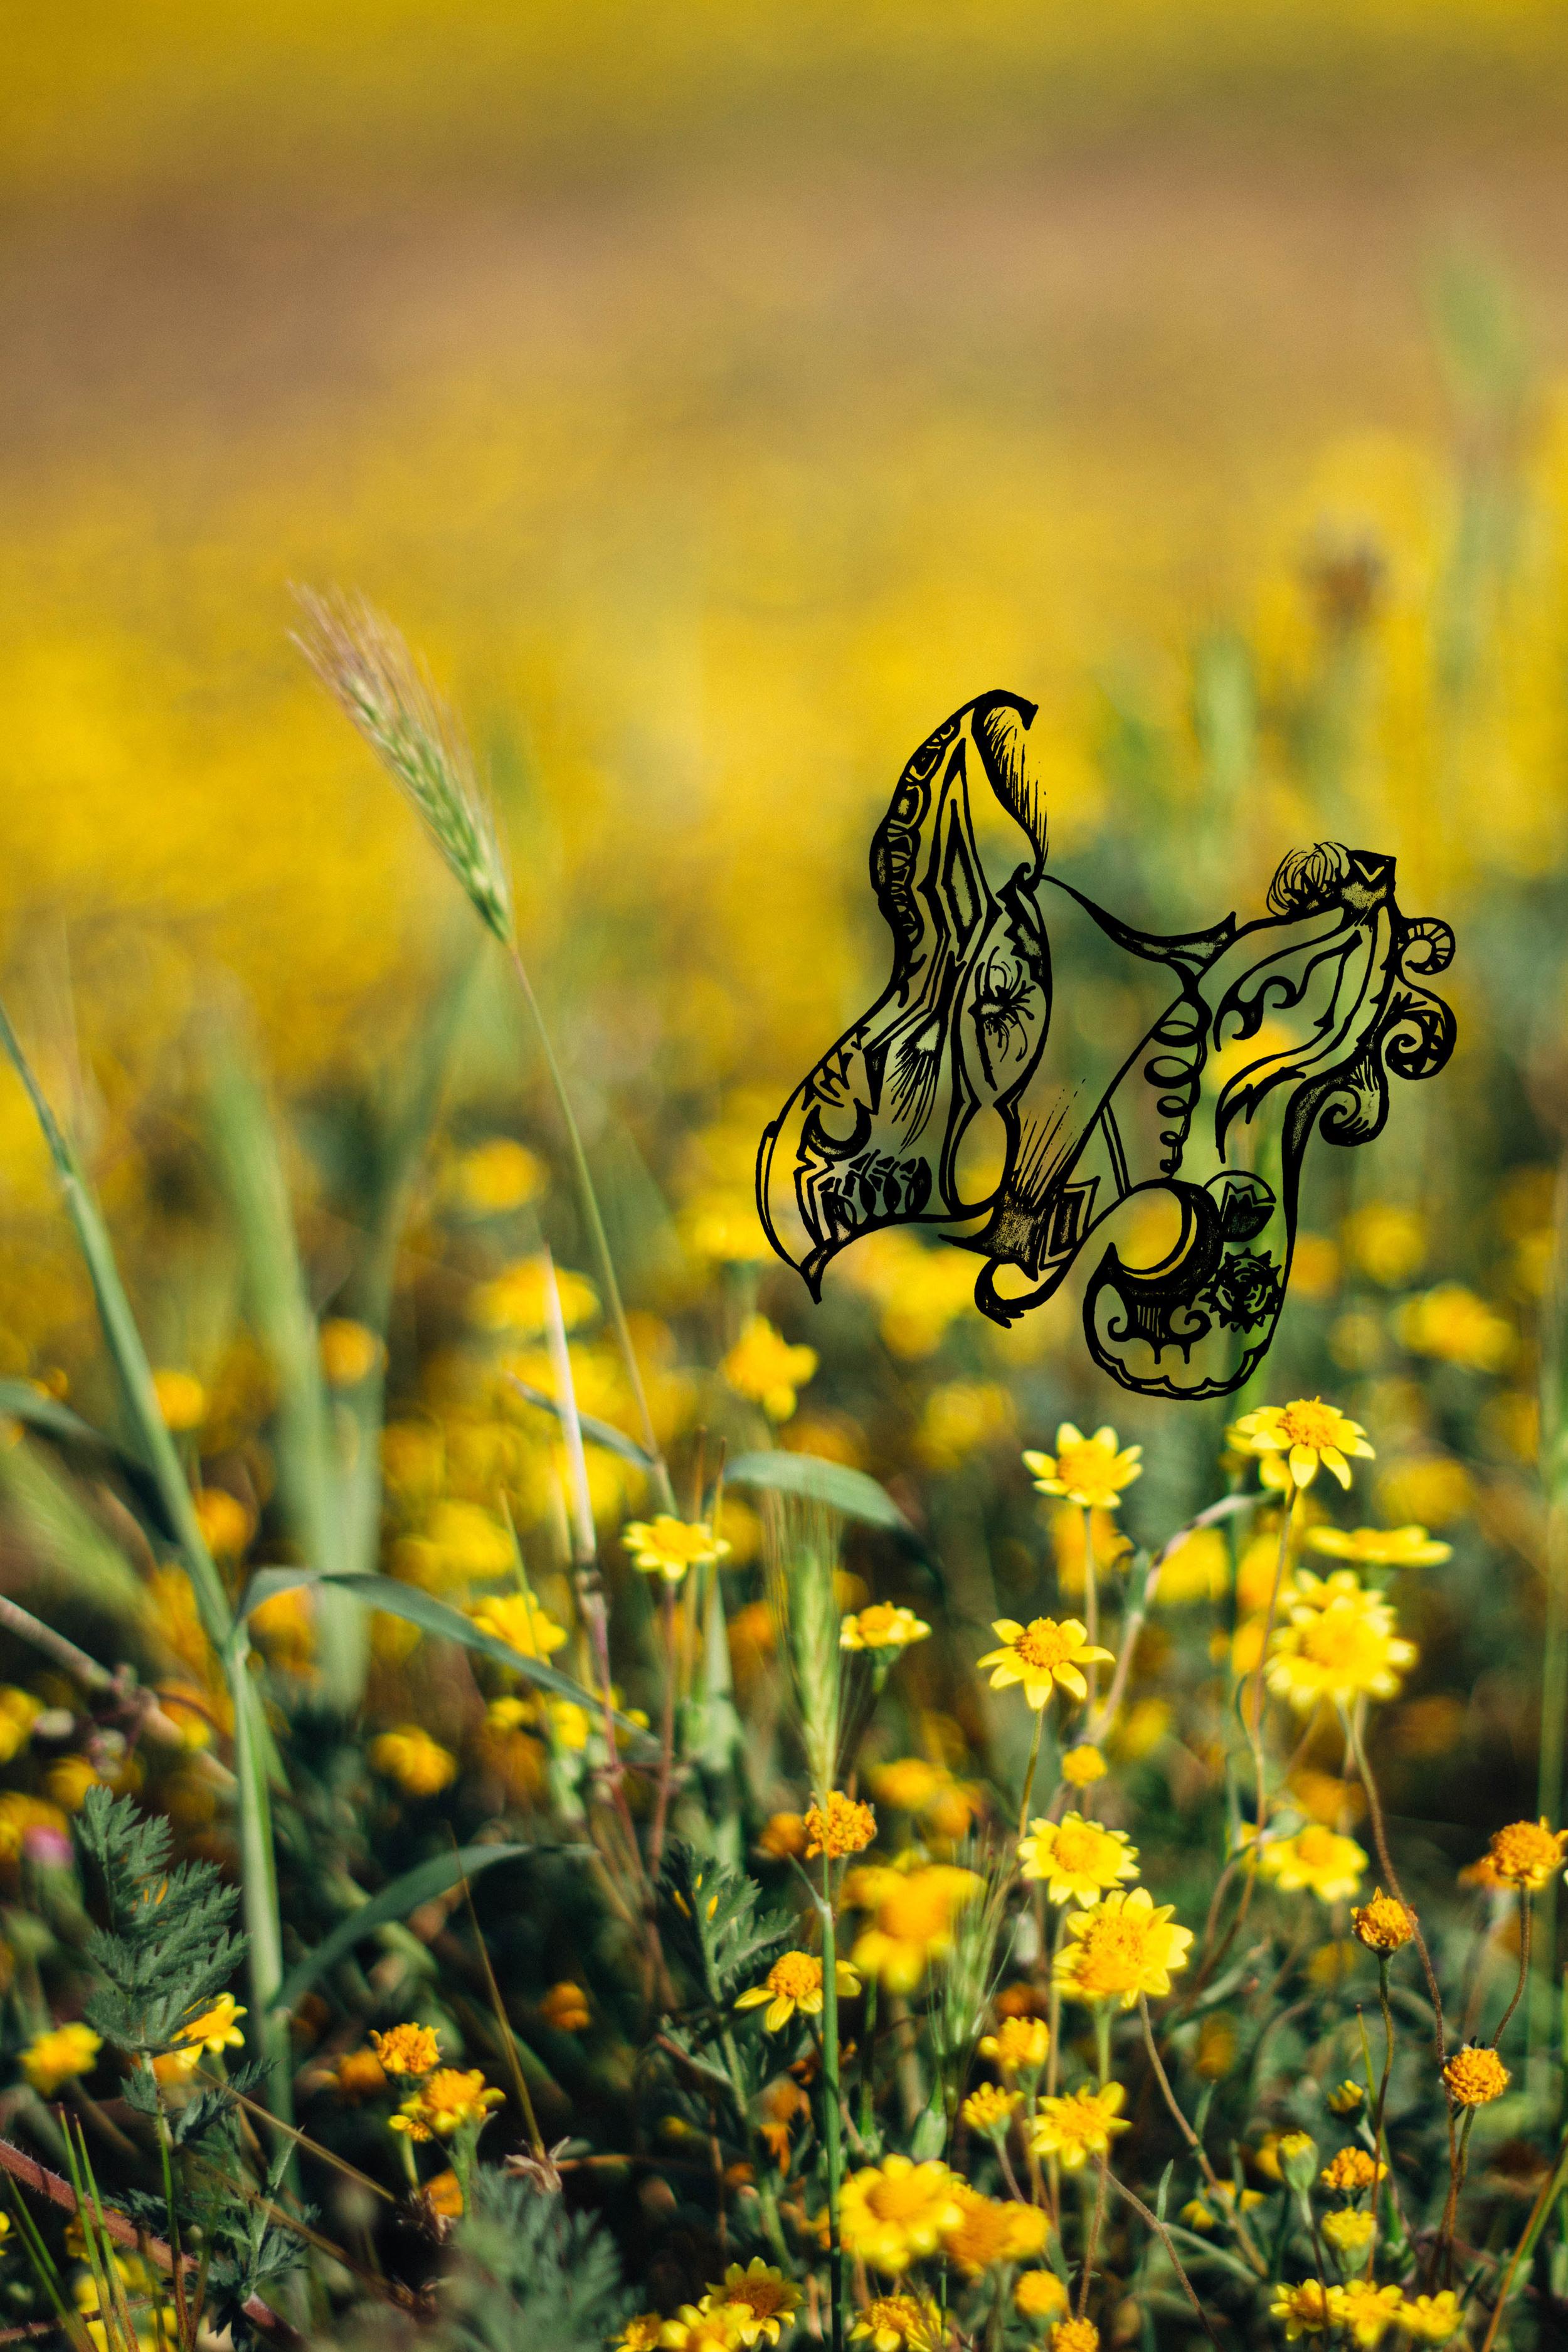 Butterfly_Flowers.jpg